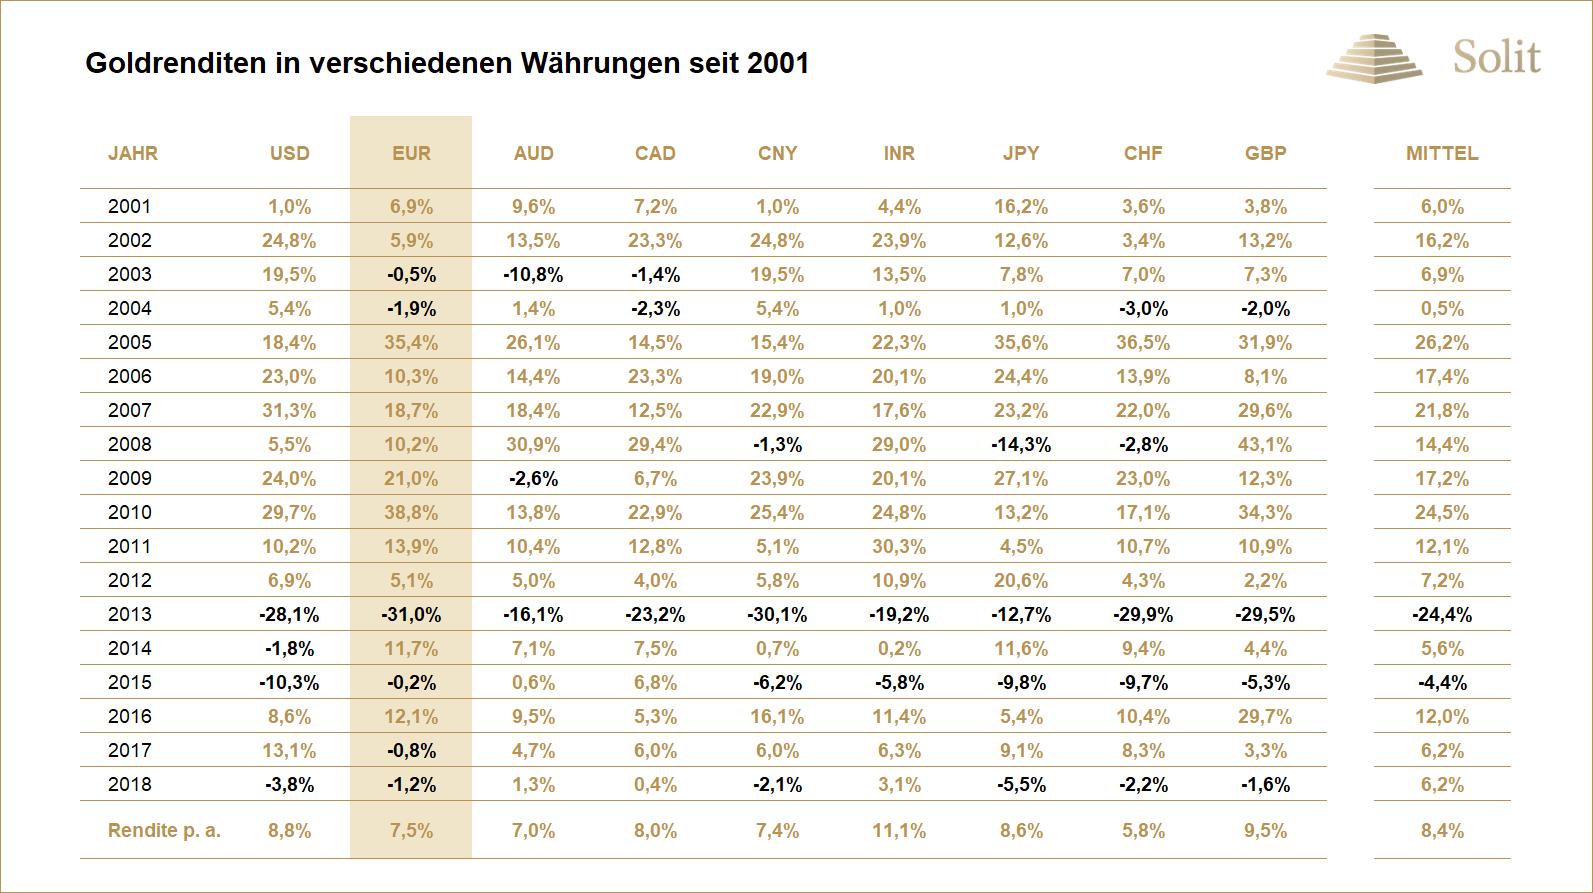 Goldrenditen in verschiedenen Währungen seit 2001